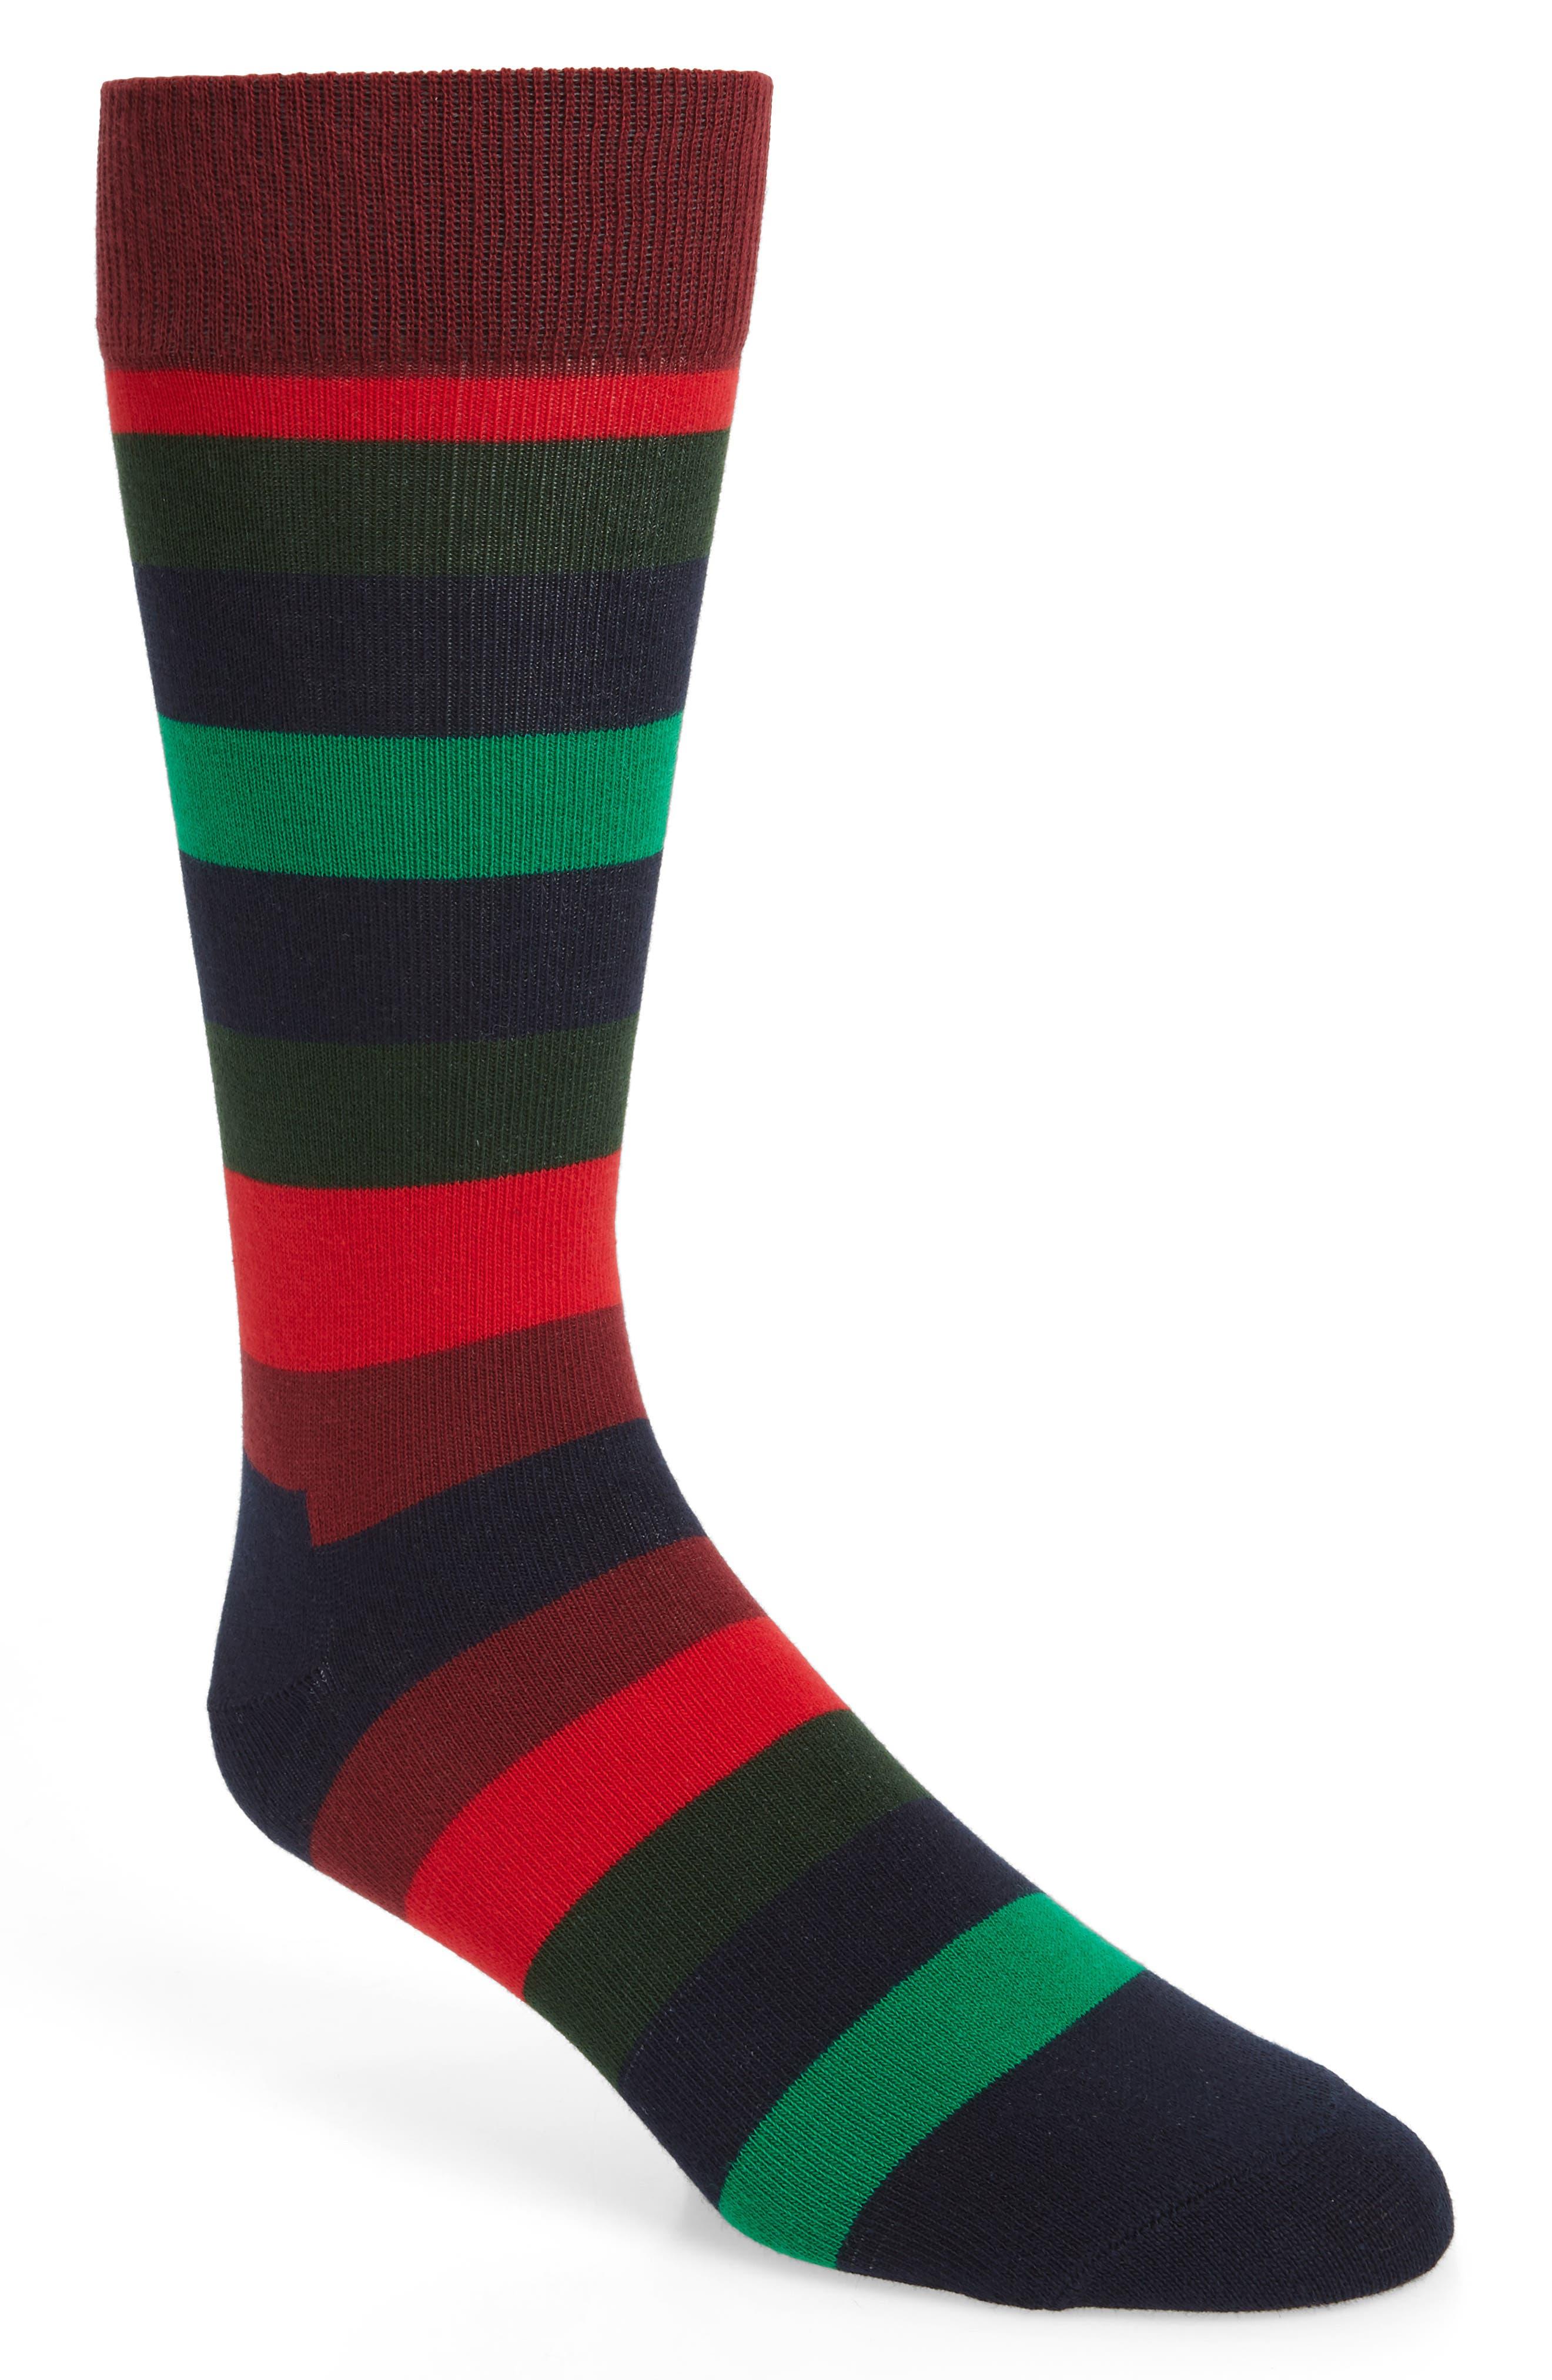 HAPPY SOCKS Holiday Stripe Socks in Black